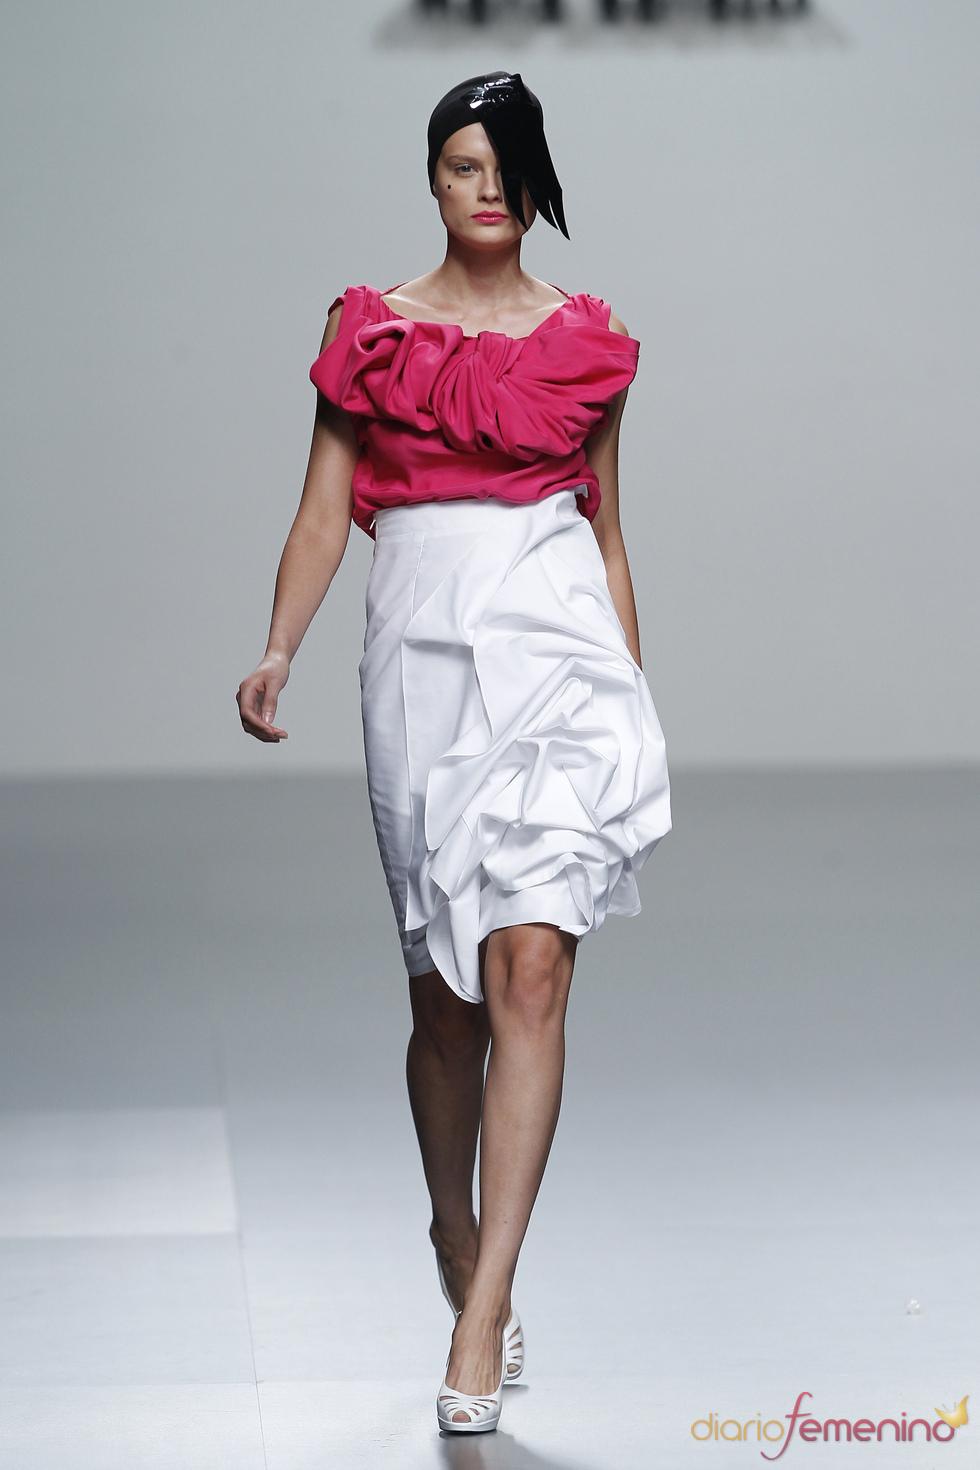 Drapeados con formas florales en la colección de María Barros en la Madrid Fashion Week